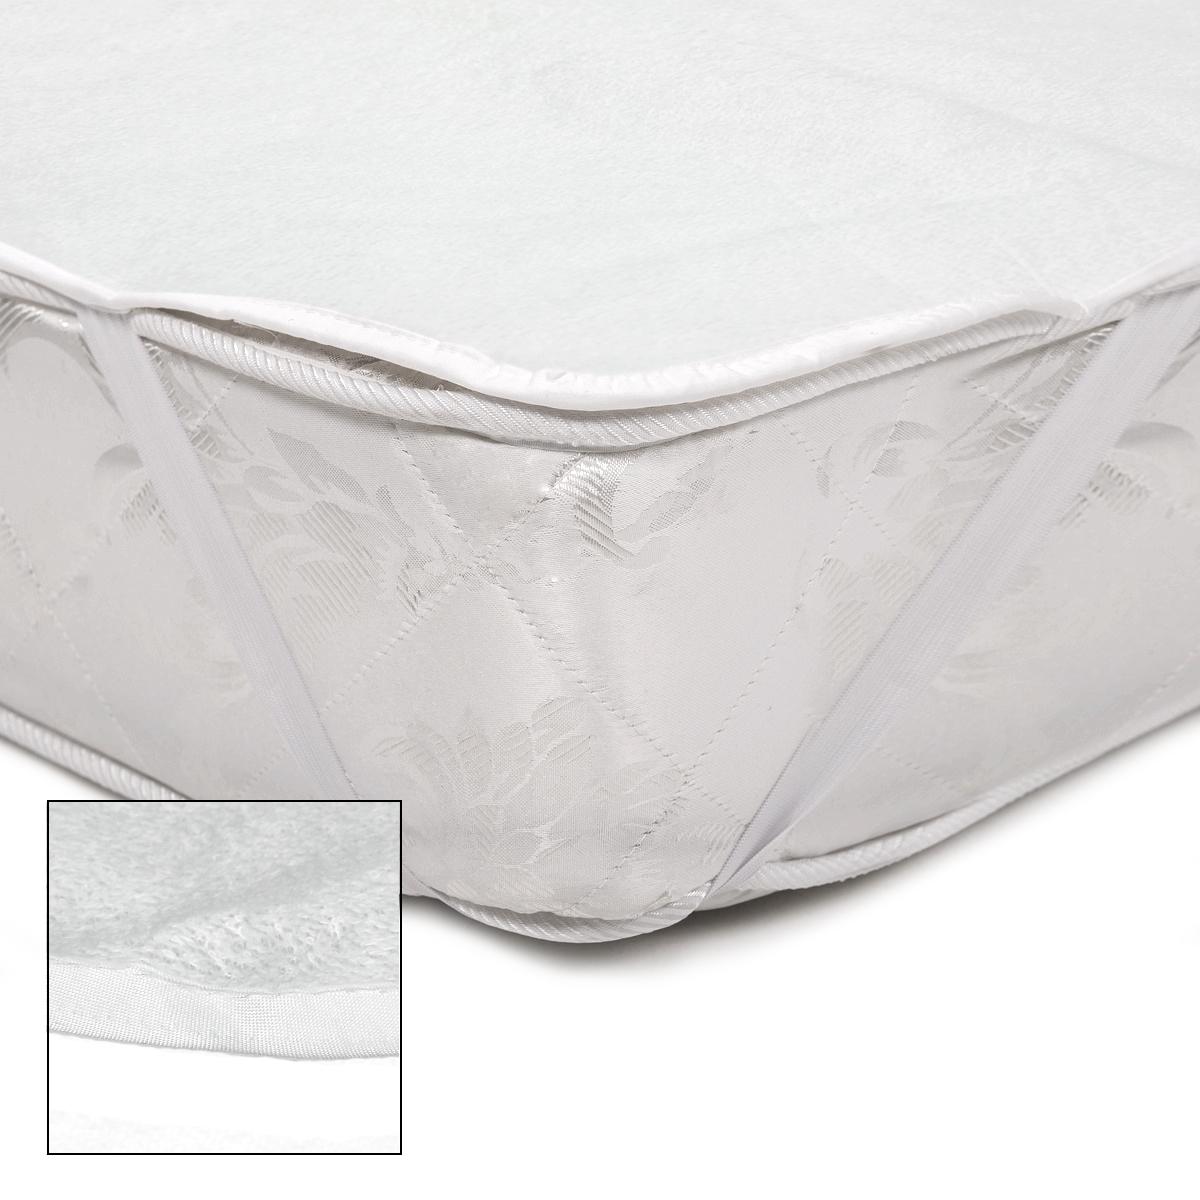 matratzenschoner matratzenschutz betteinlage wasserdicht inkontinenz baumwolle ebay. Black Bedroom Furniture Sets. Home Design Ideas